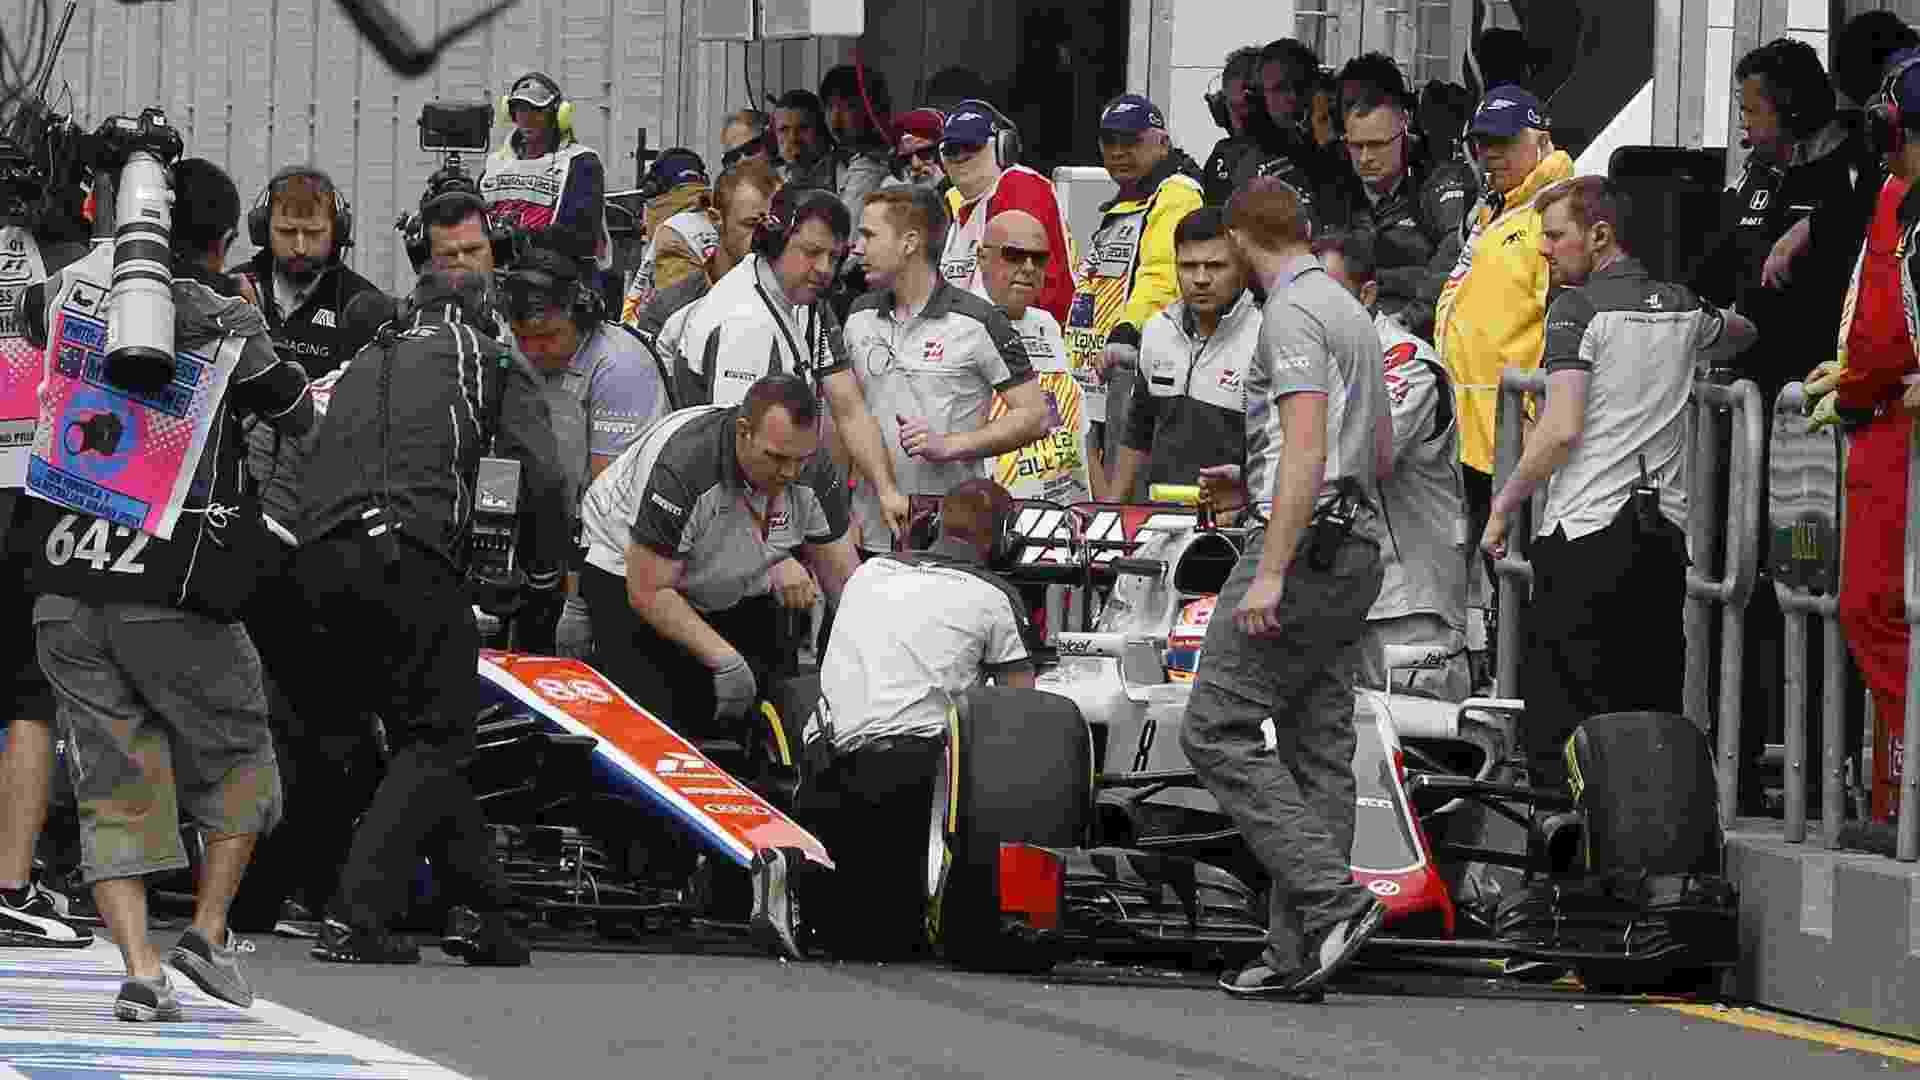 Romain Grosjean, da Haas, e Rio Haryanto, da Manor, se chocaram na saída dos boxes no início do terceiro treino livre - Brandon Malone/Reuters